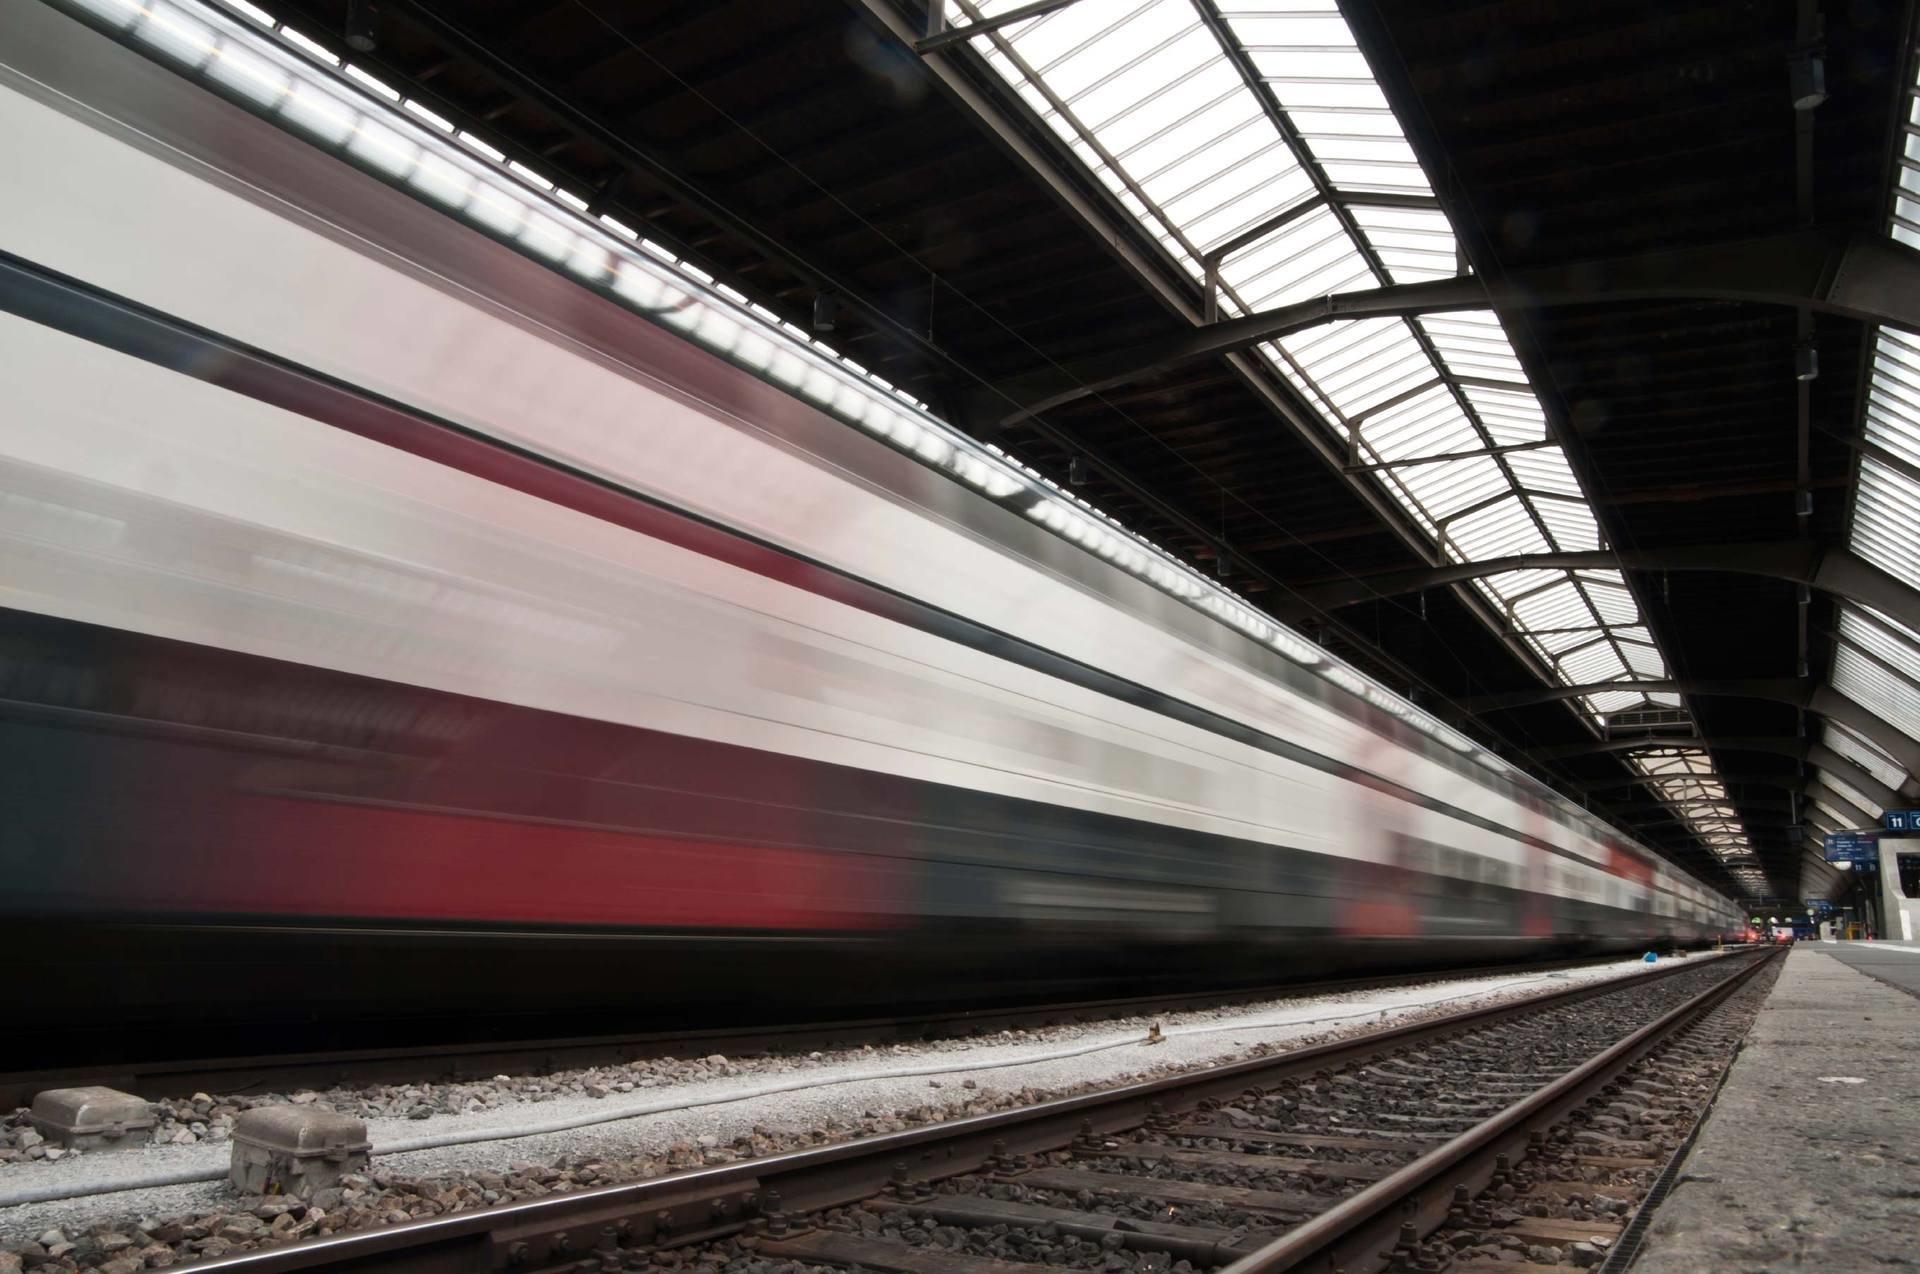 SBB: Stimmungsbild eines Zugs, der in den Bahnhof einfährt zur Illustration eines erfolgreichen PPM-Projekts mit Projektmanagement Beratung